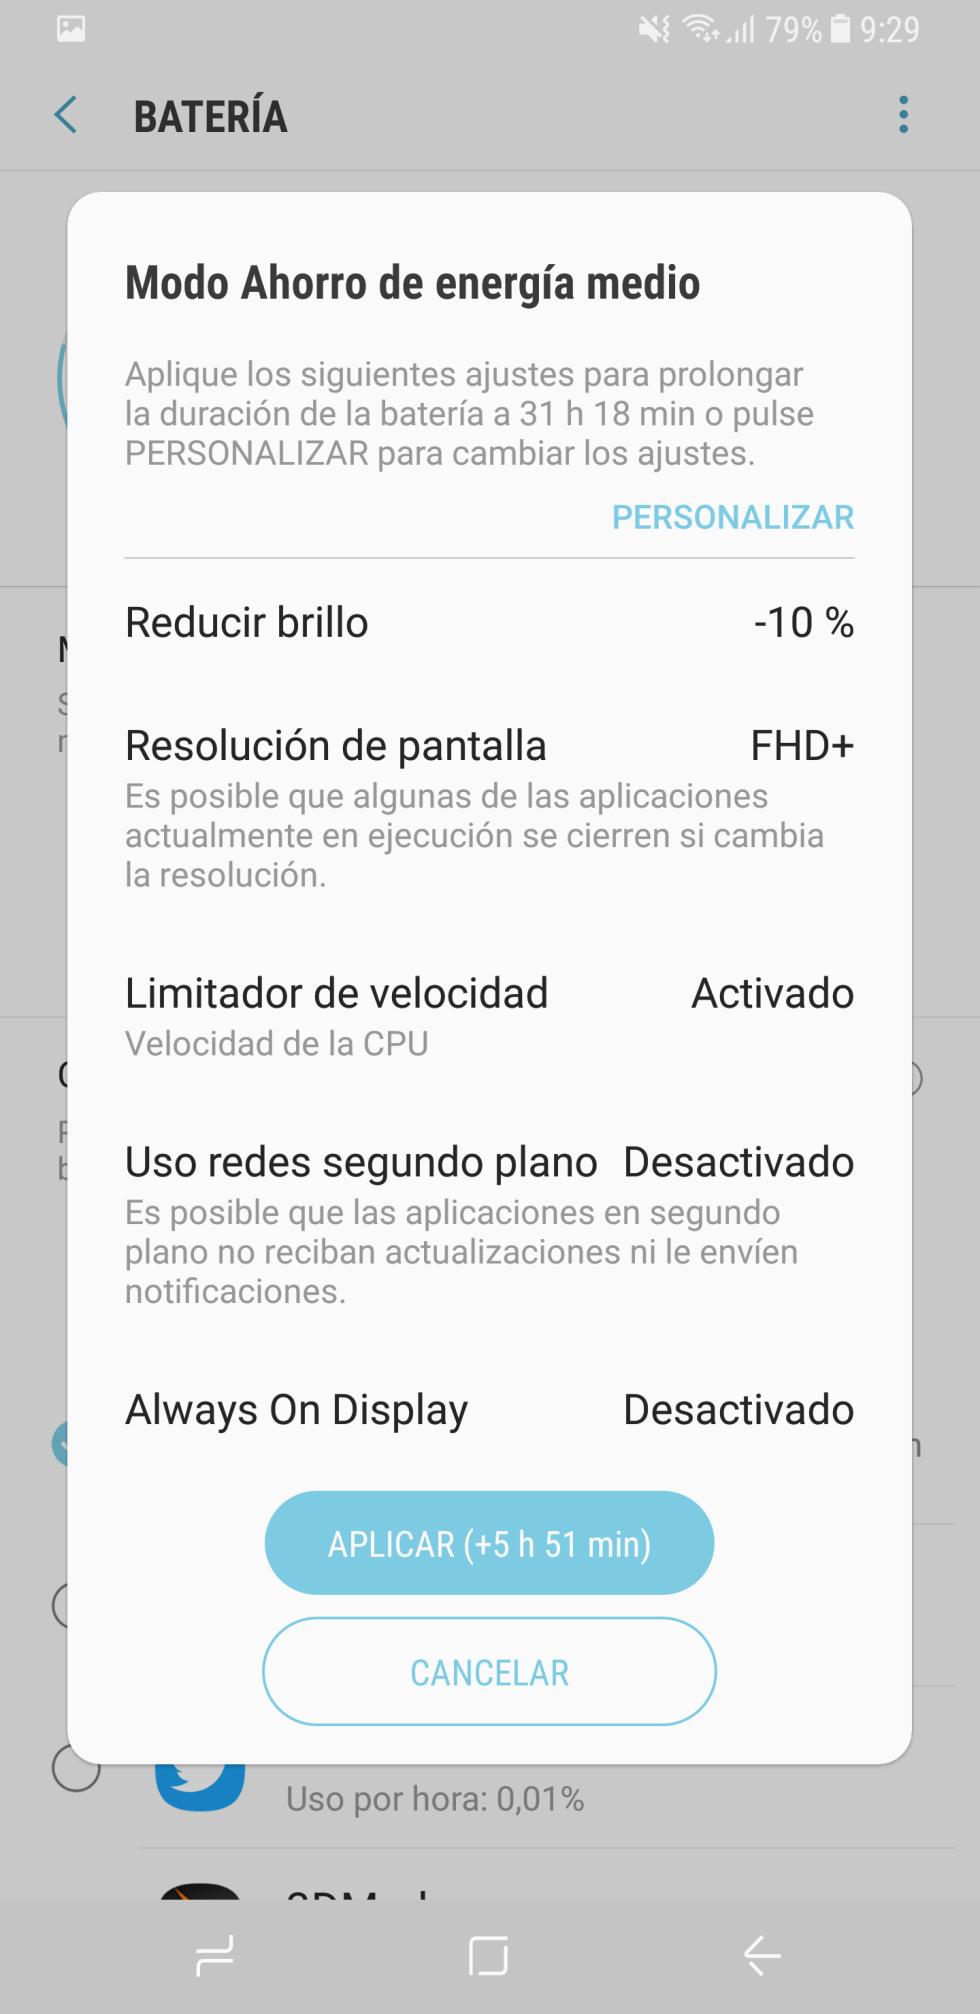 Batería del Samsung Galaxy S8+: consumo, autonomía y opciones de ahorro